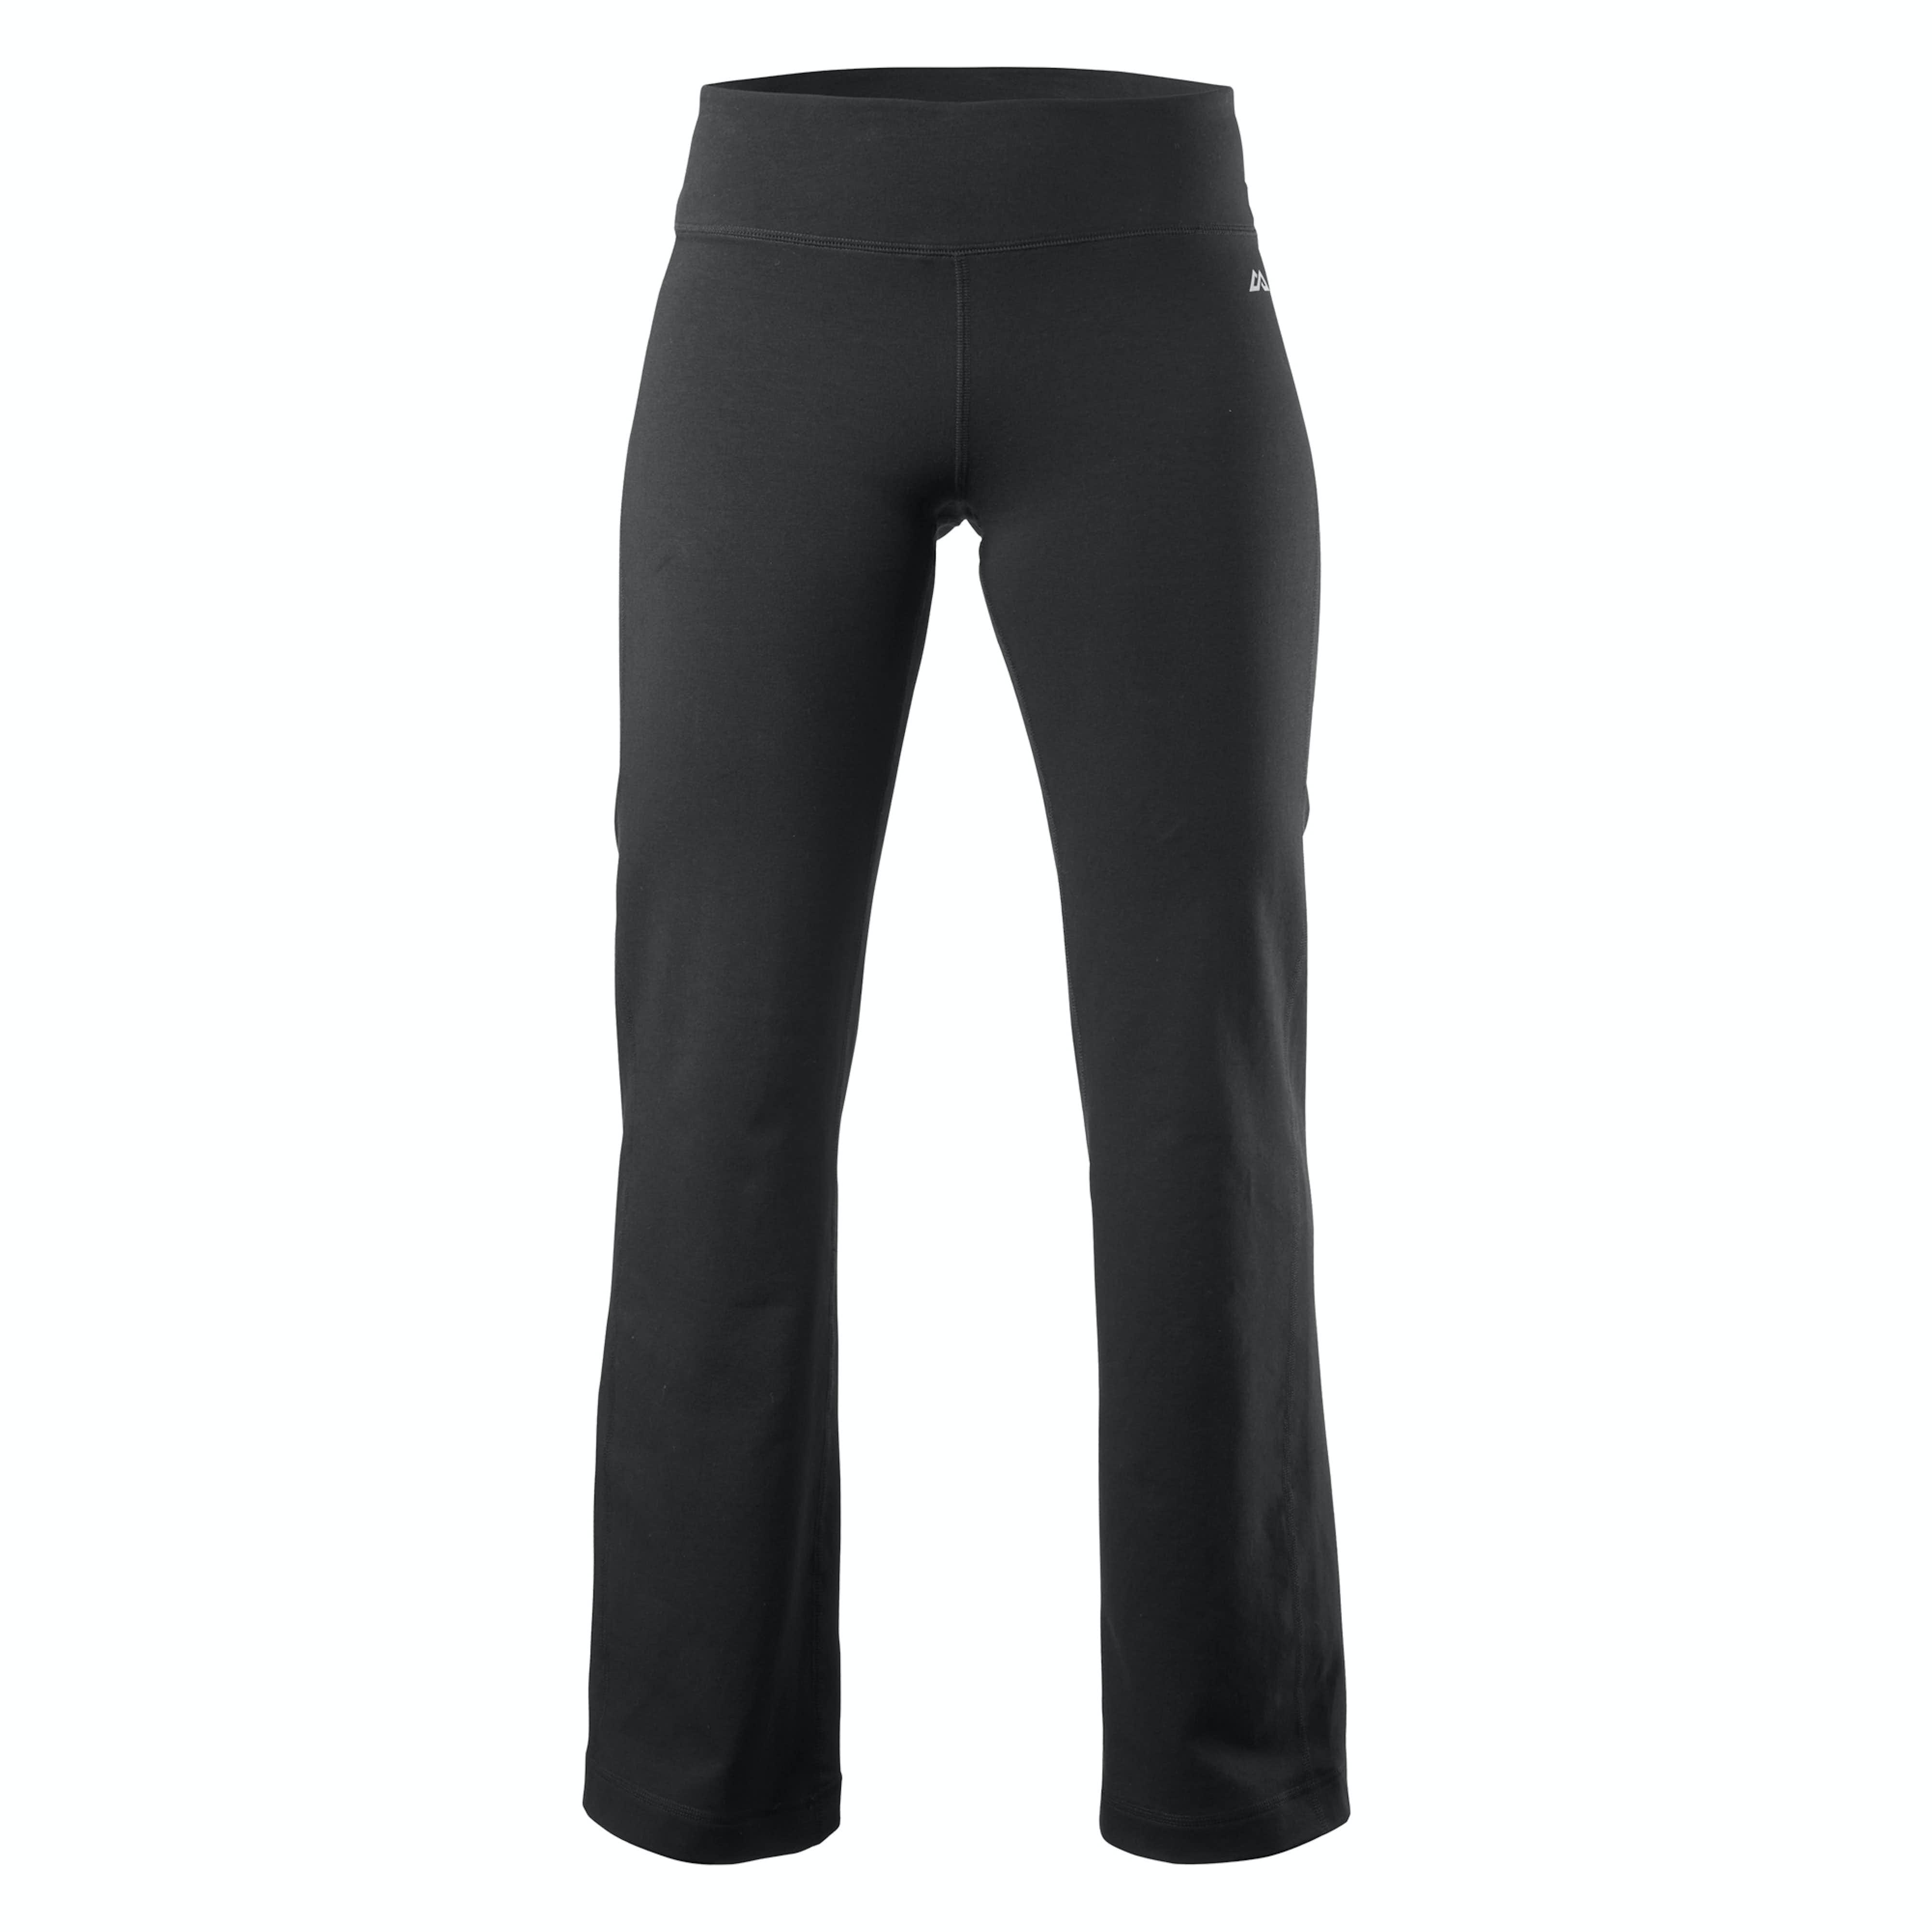 ed4cf4ec989e09 Vixen Women's Active Pants v3 - Black